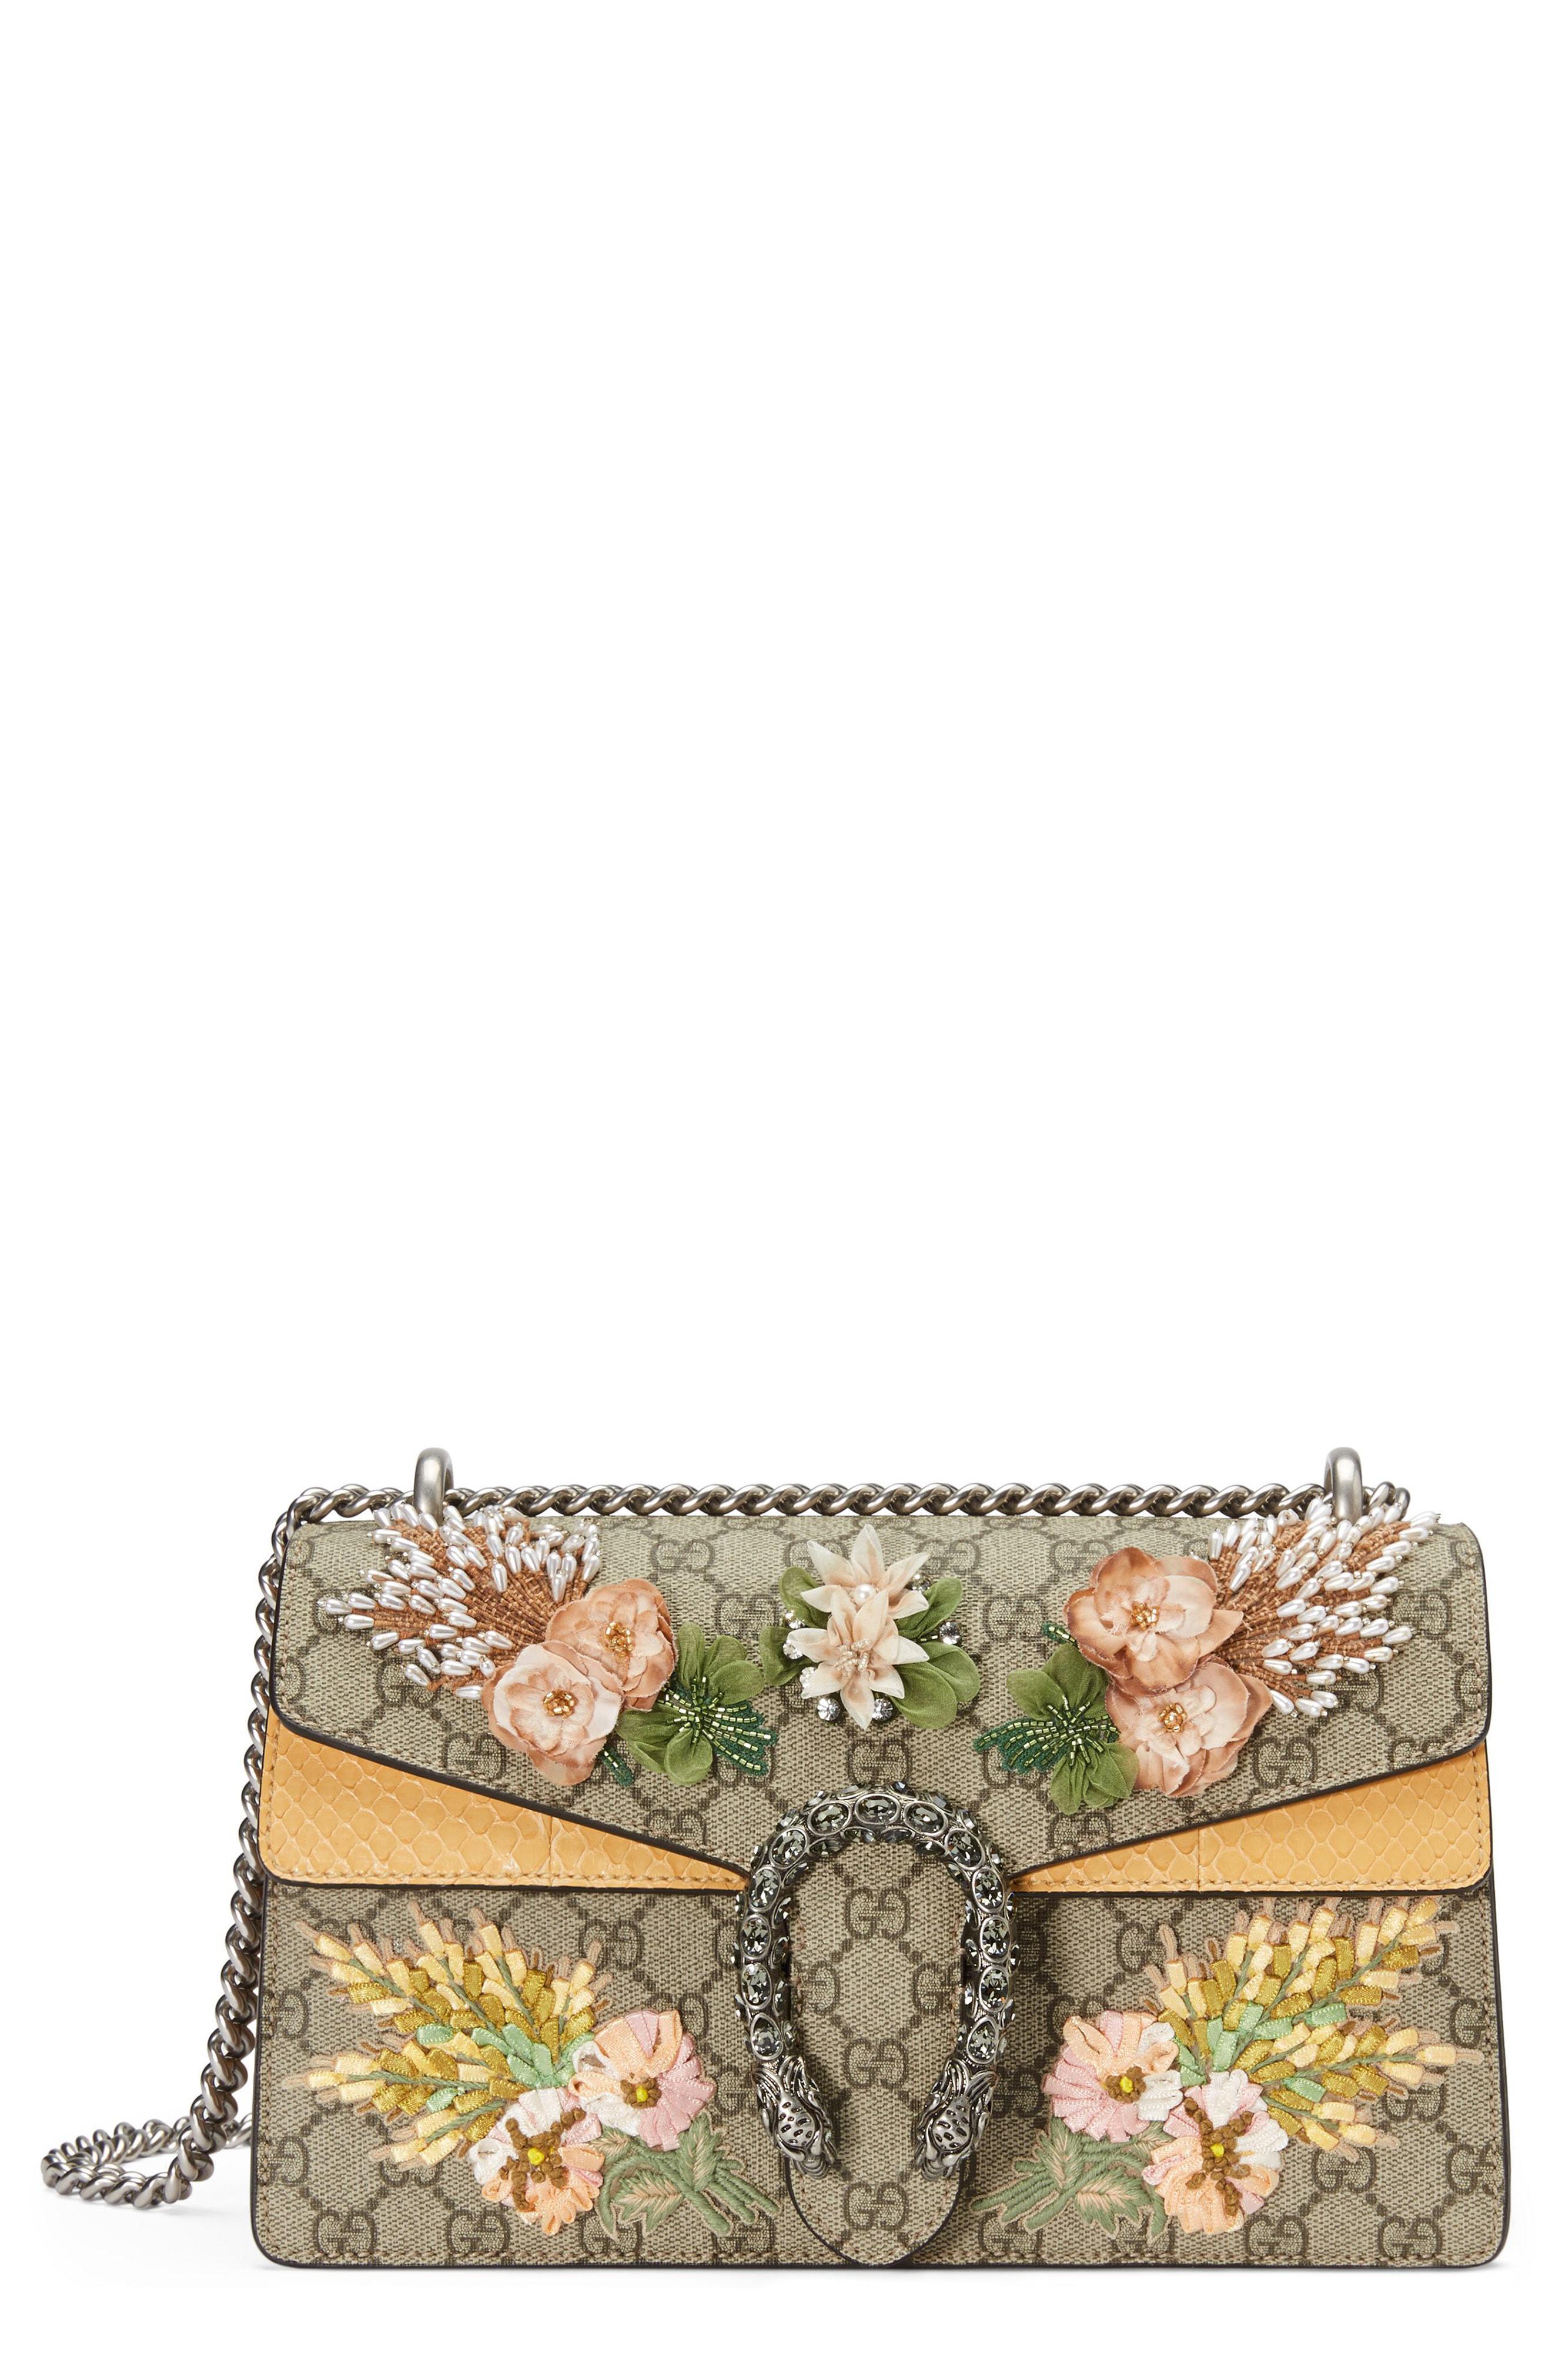 d0d5a34401a Gucci. Women s Natural Small Dionysus Embellished Gg Supreme   Genuine Python  Shoulder Bag